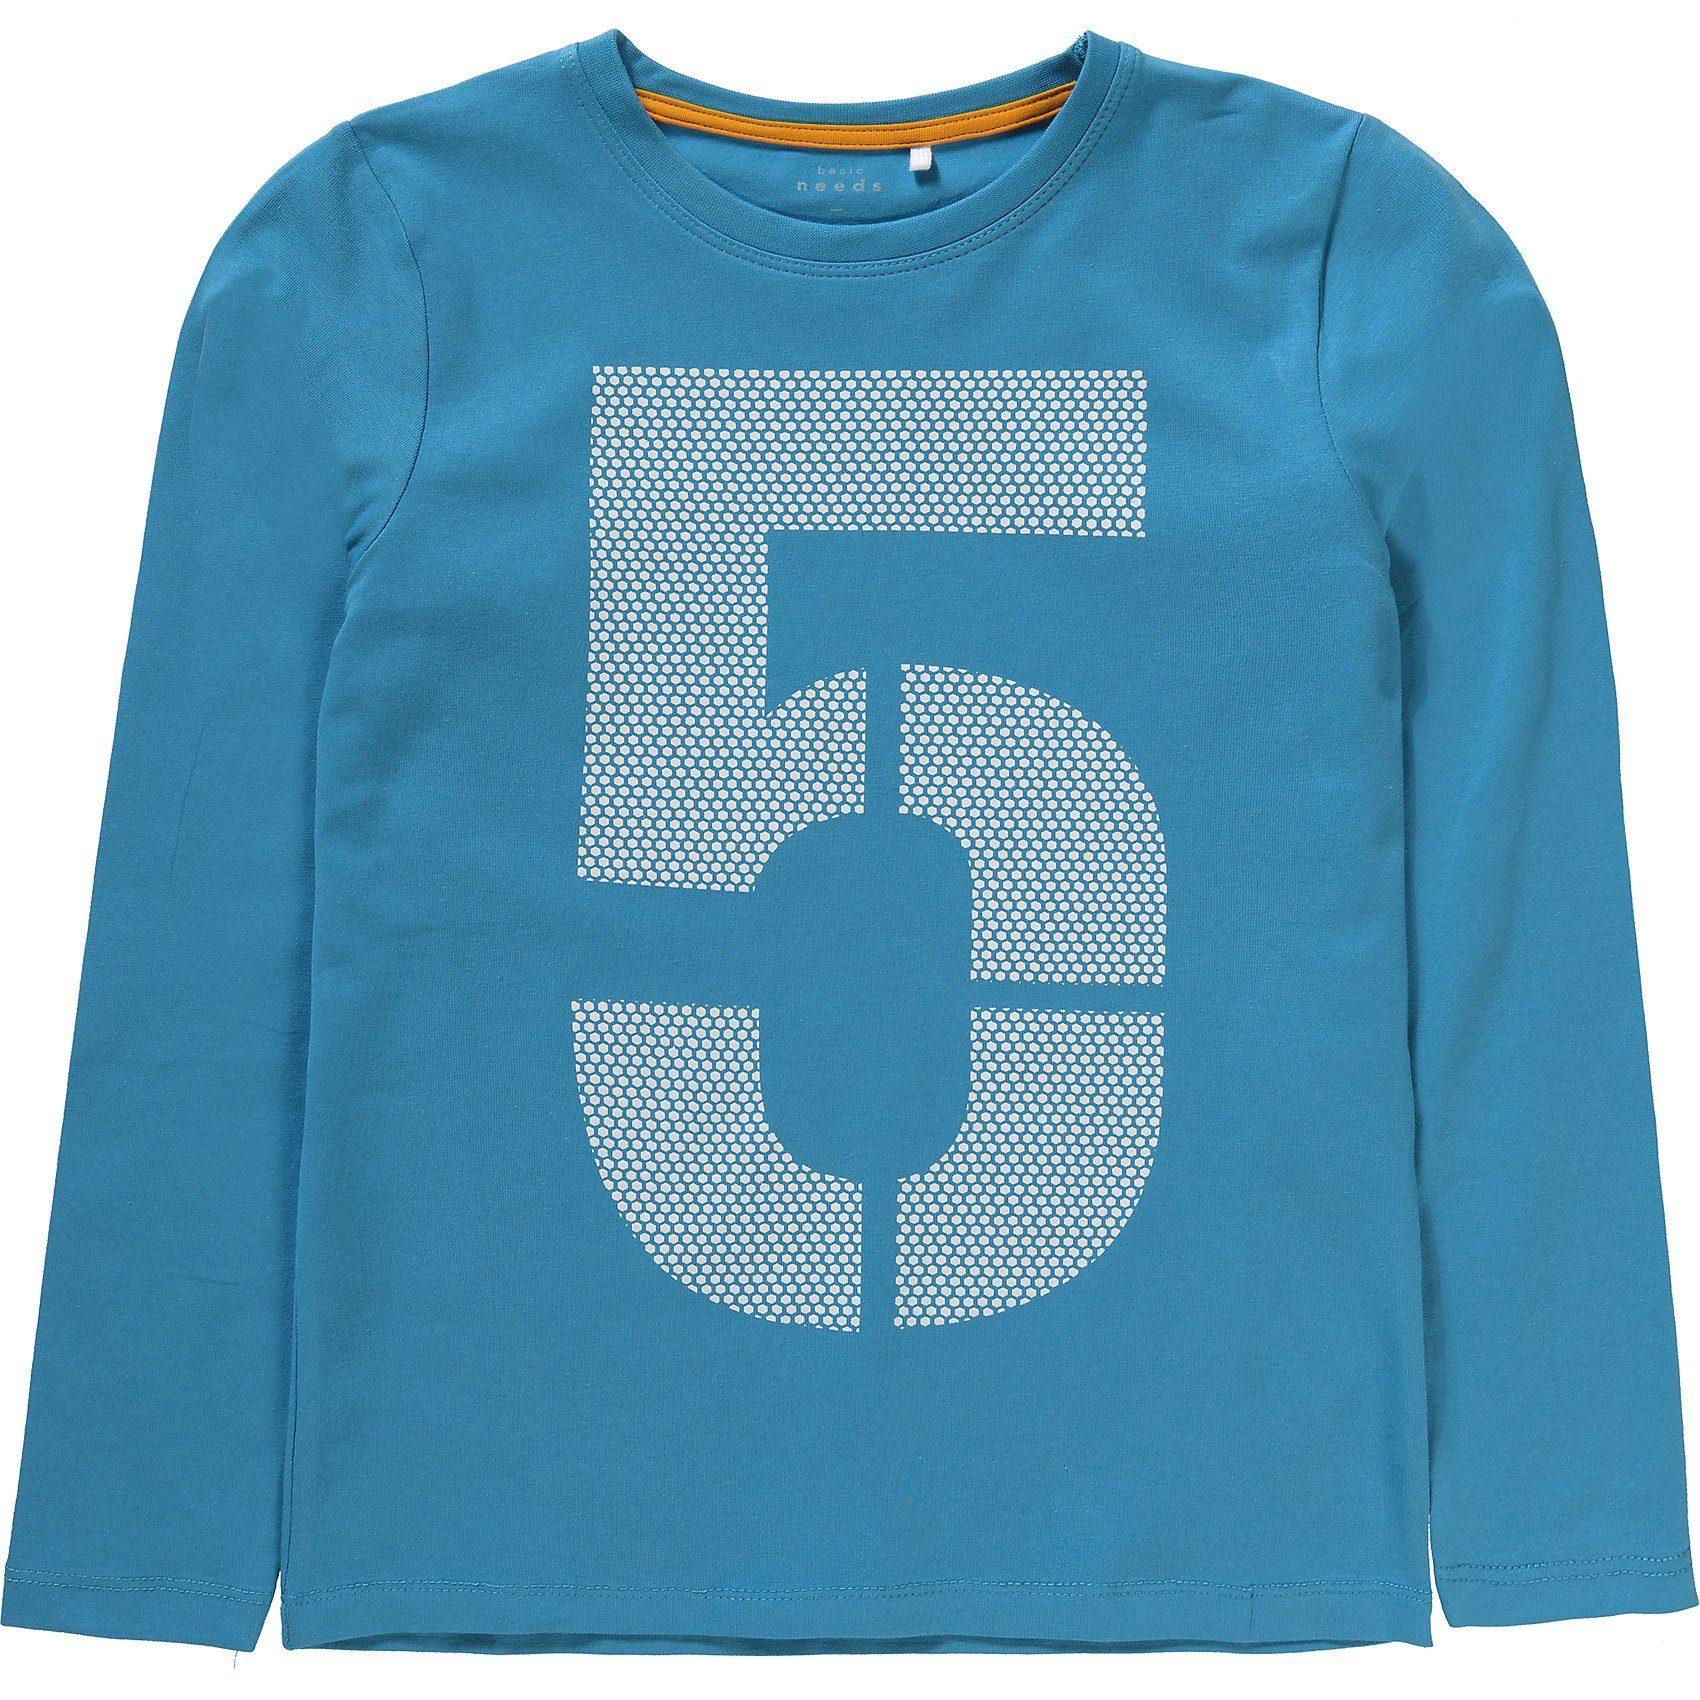 Damen Longshirt Longtop Shirt Pullover Pulli Roll Schal Motiv Rolli Wolle Motiv